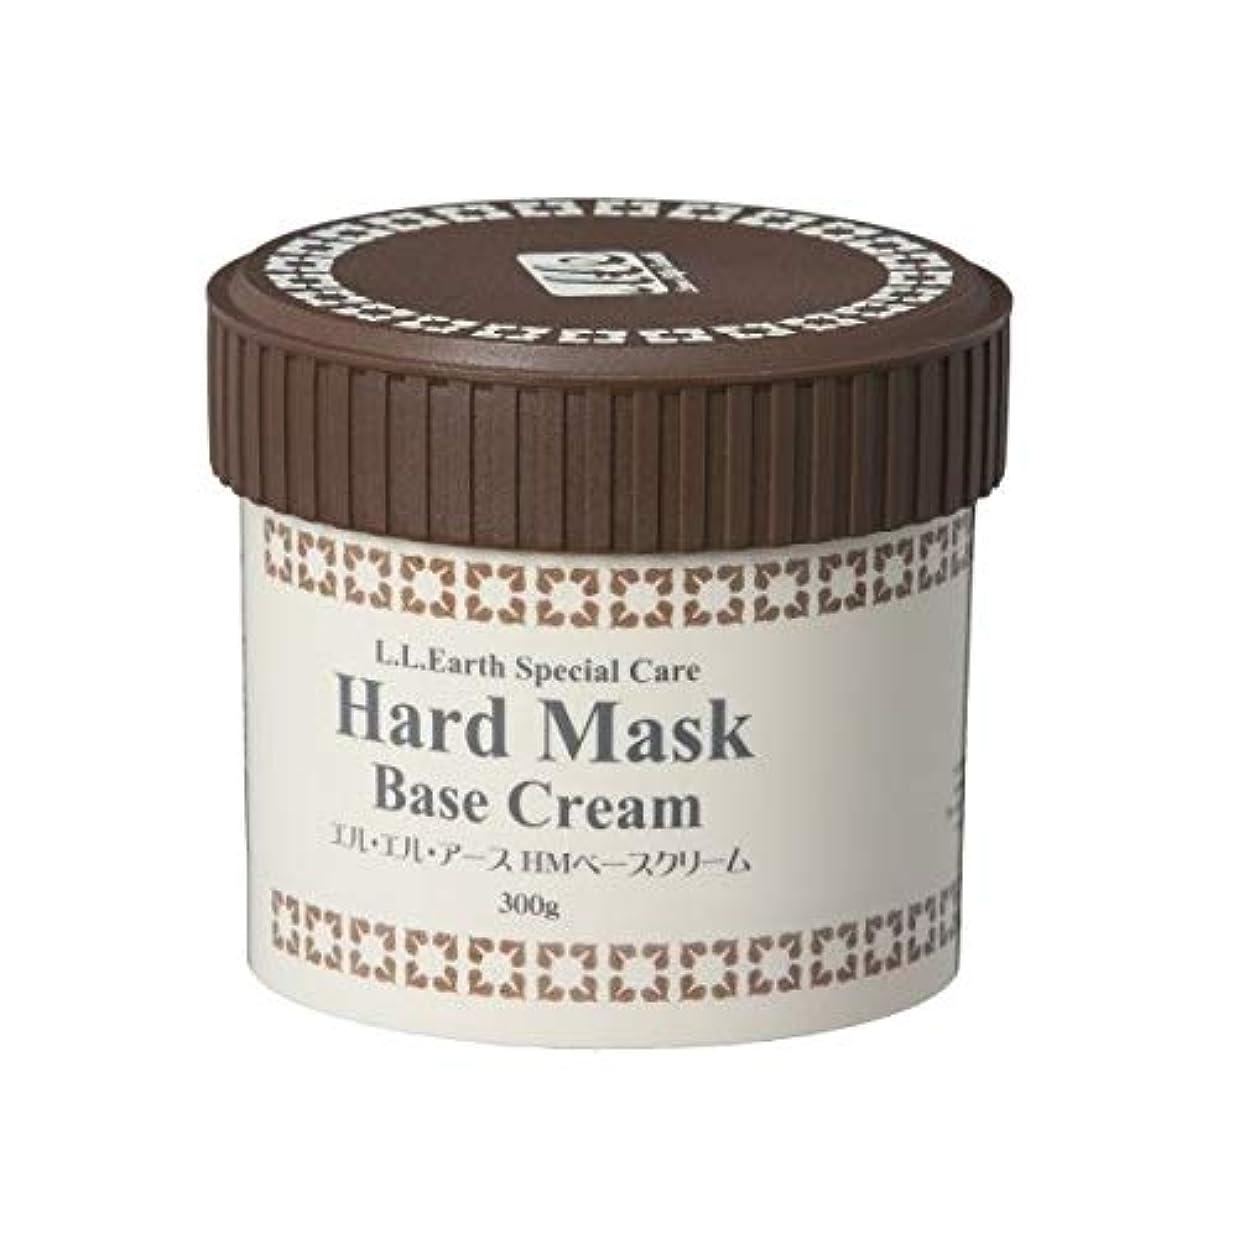 信頼無限羊飼いLLE ハードマスクベースクリーム 業務用 300g 石膏パック パック フェイスパック